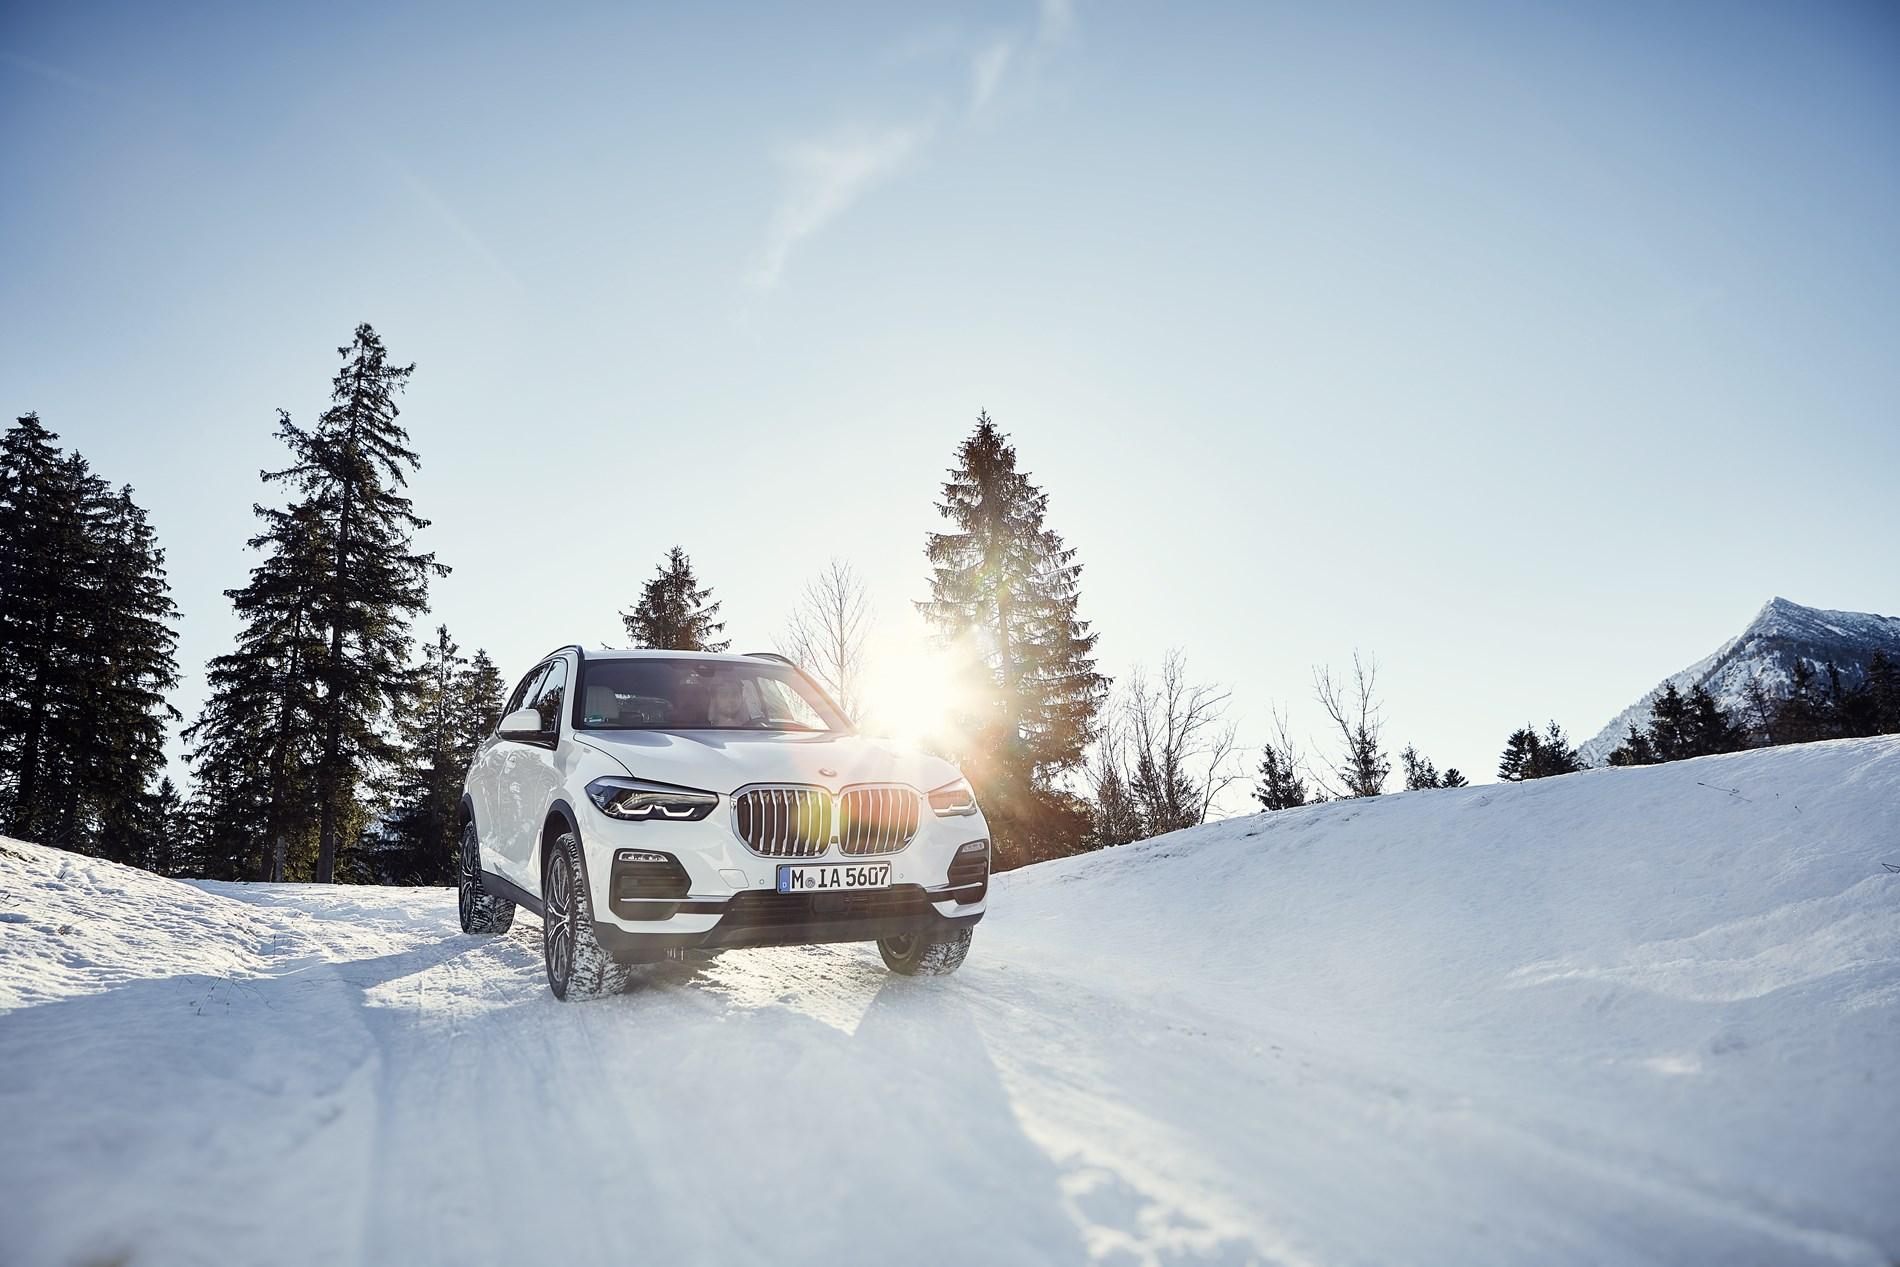 Elektrisch vermogen voor het allerhoogste rijplezier: marktintroductie van de nieuwe BMW X5 xDrive45e.